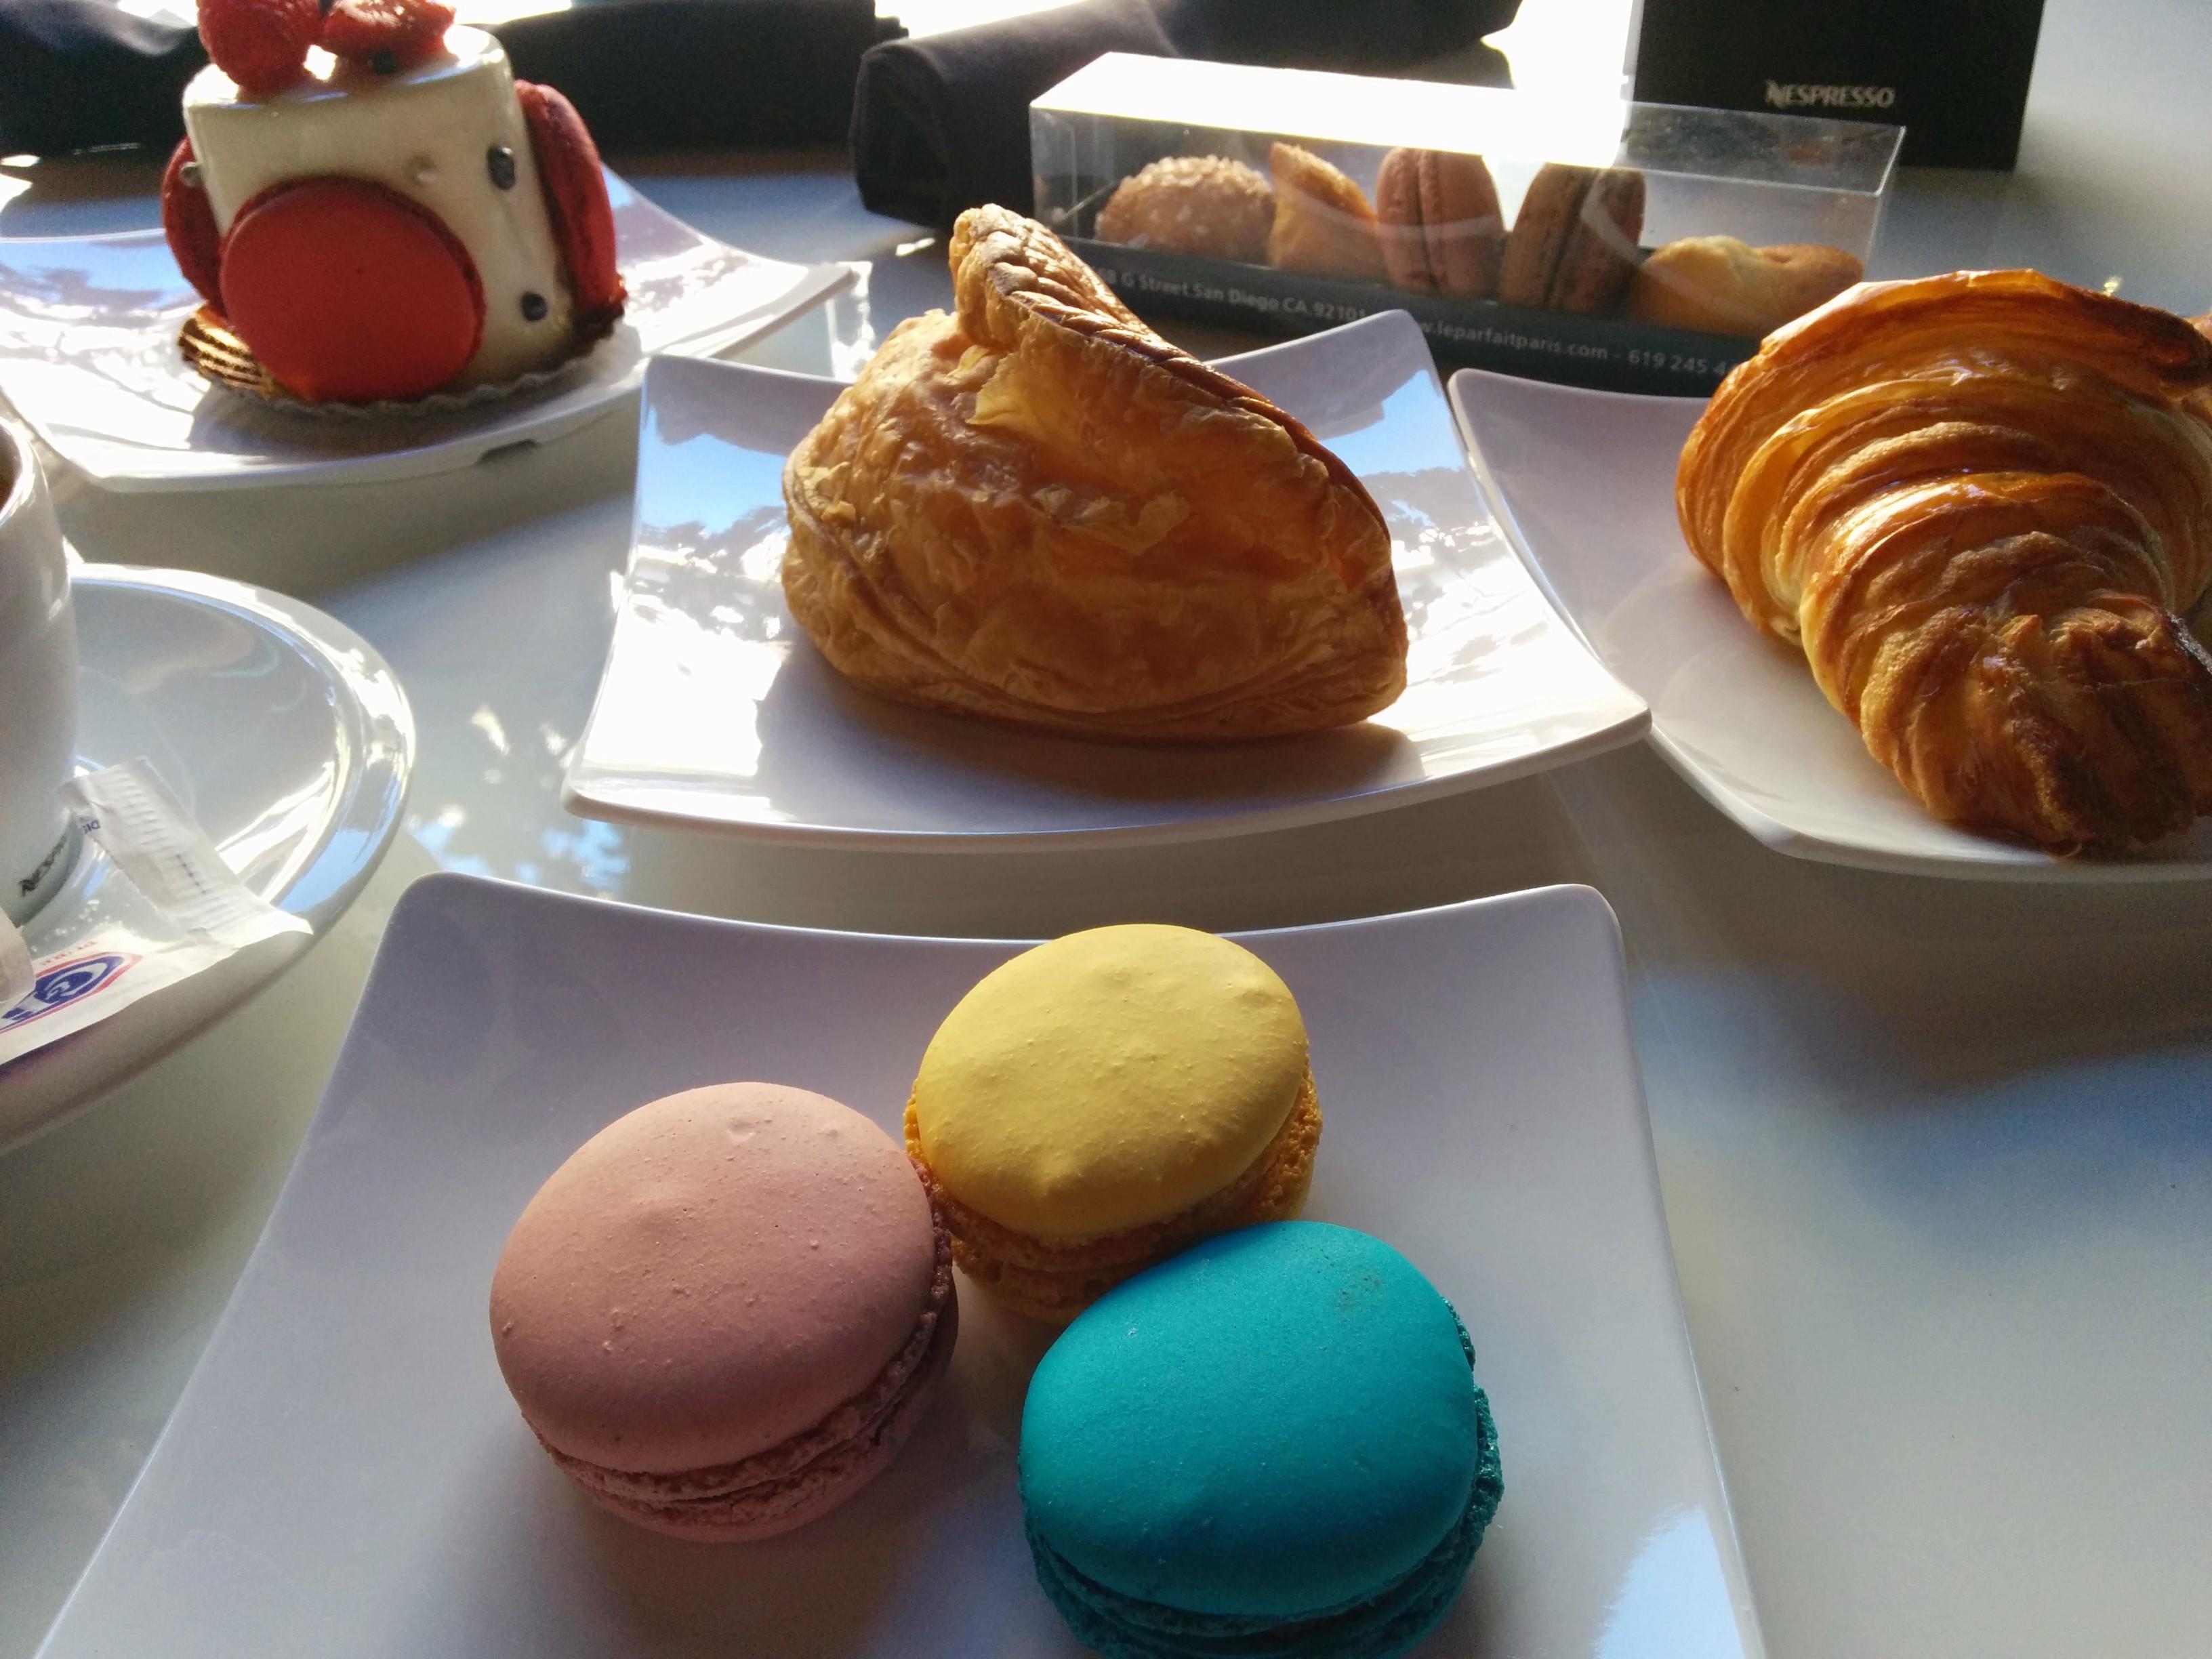 Le Parfait Paris' morning pastry